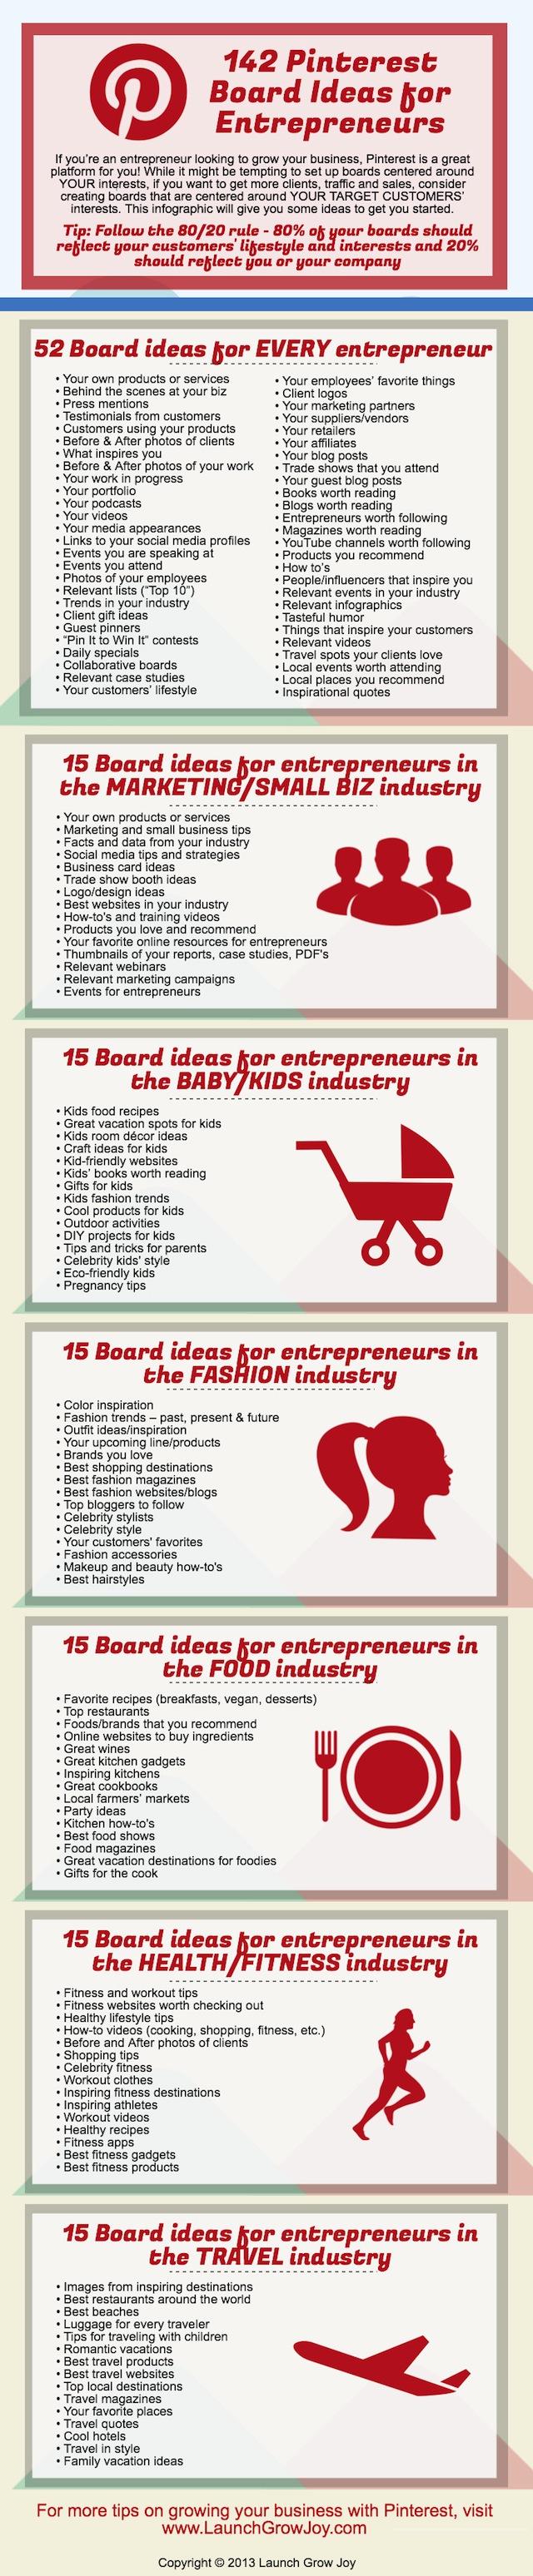 42-Pinterest-board-ideas-for-entrepreneurs